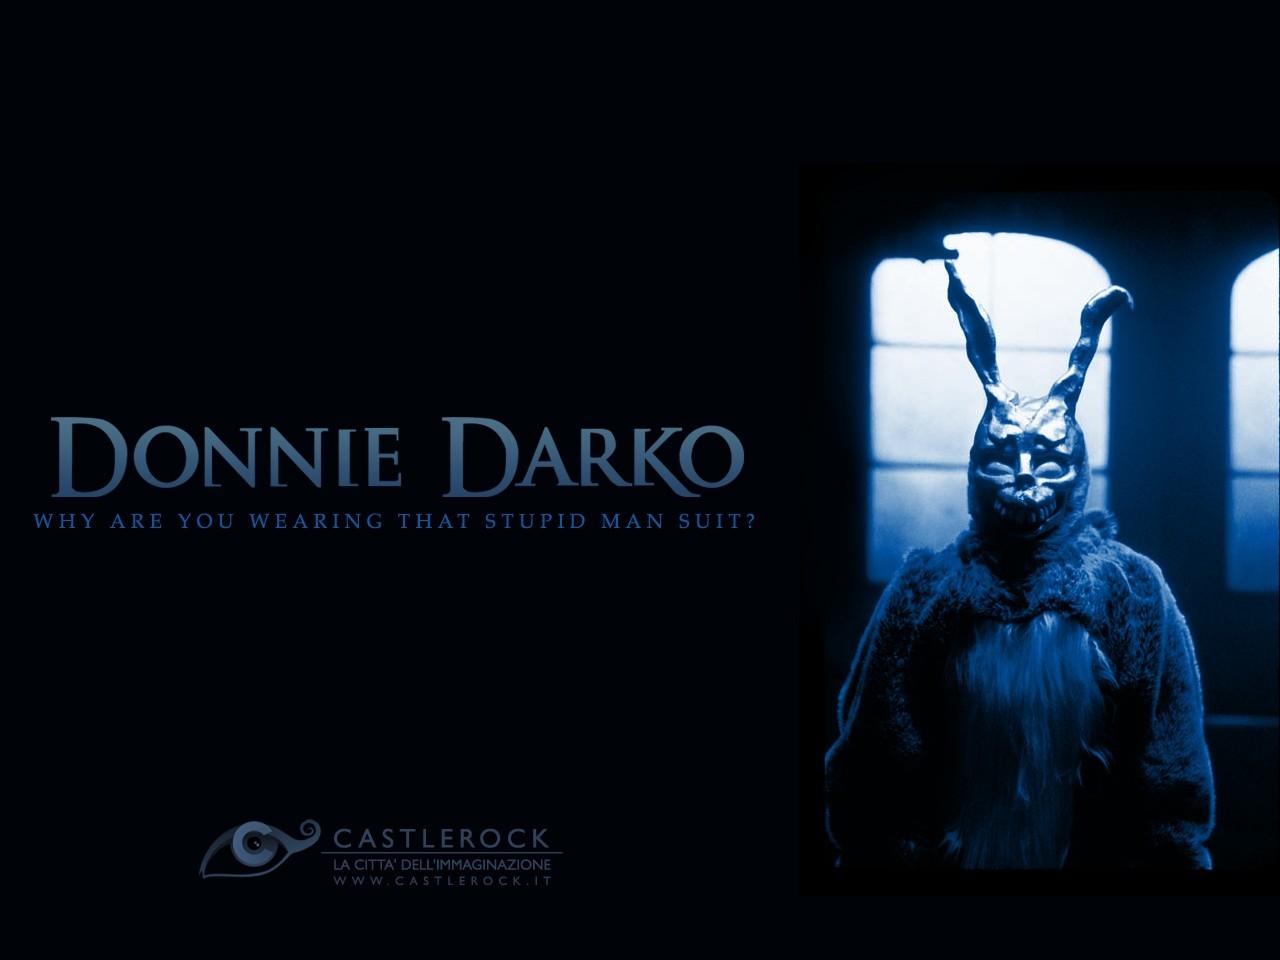 Wallpaper del film Donnie Darko con Frank